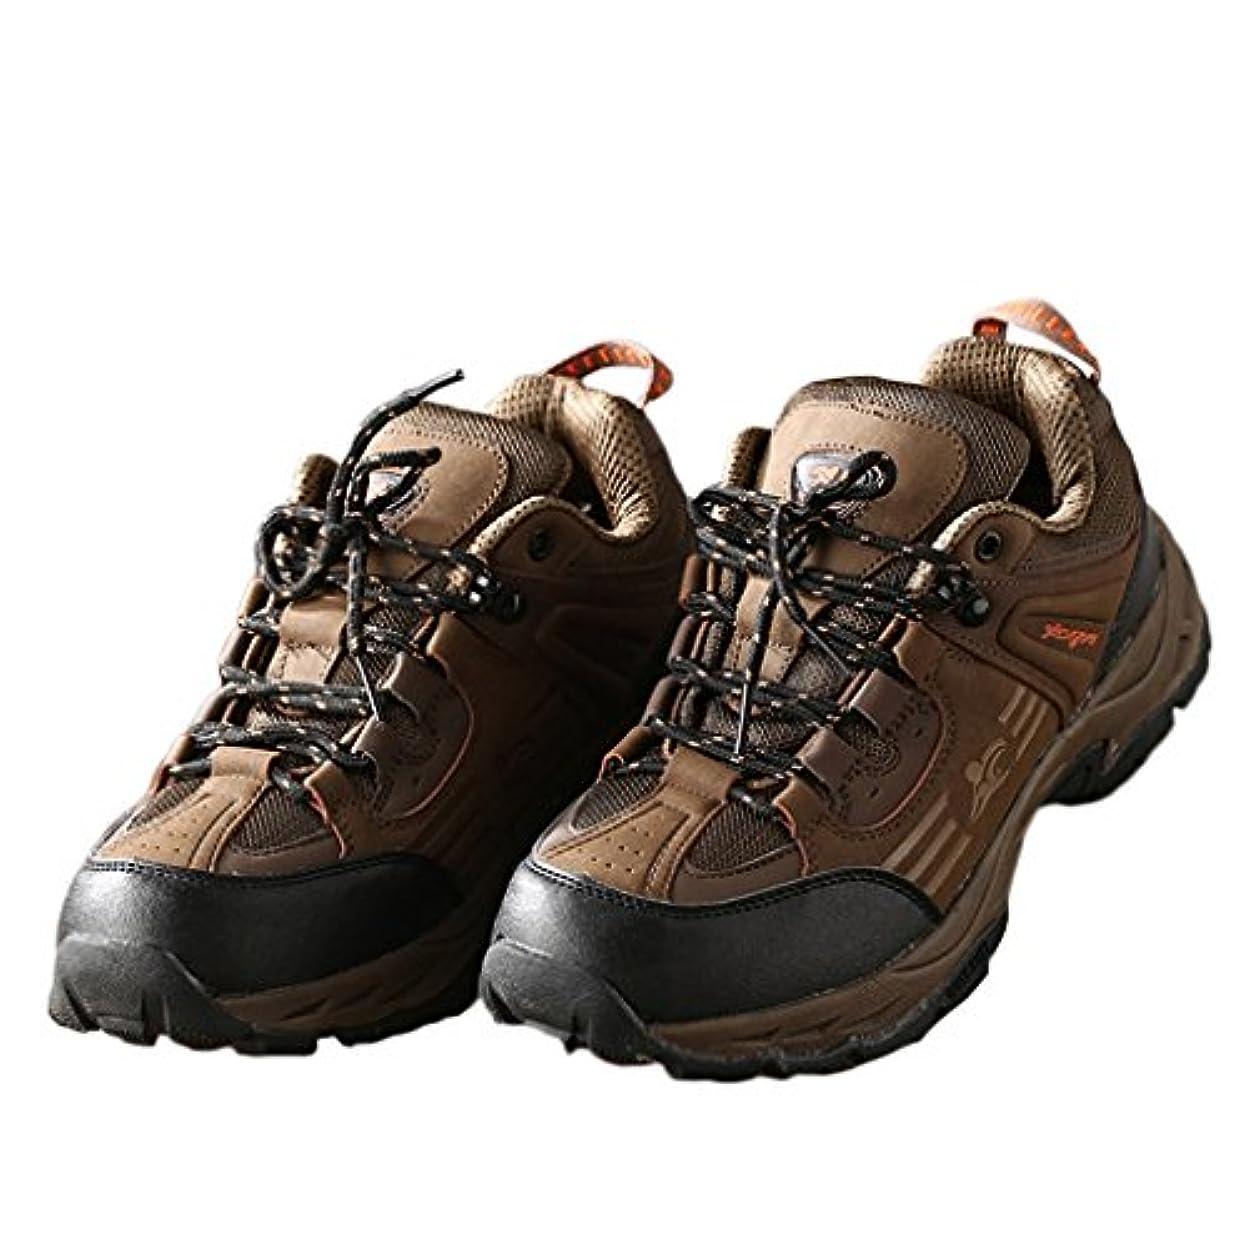 増強エトナ山誇張する「イノヤ」メンズ レディース ハイキングシューズ アウトドア 衝撃吸収 トレッキングシューズ スキッド 男女兼用 防滑 通気性 耐磨耗 ローカット スポーツ 登山靴 山歩き/里歩き/登山道